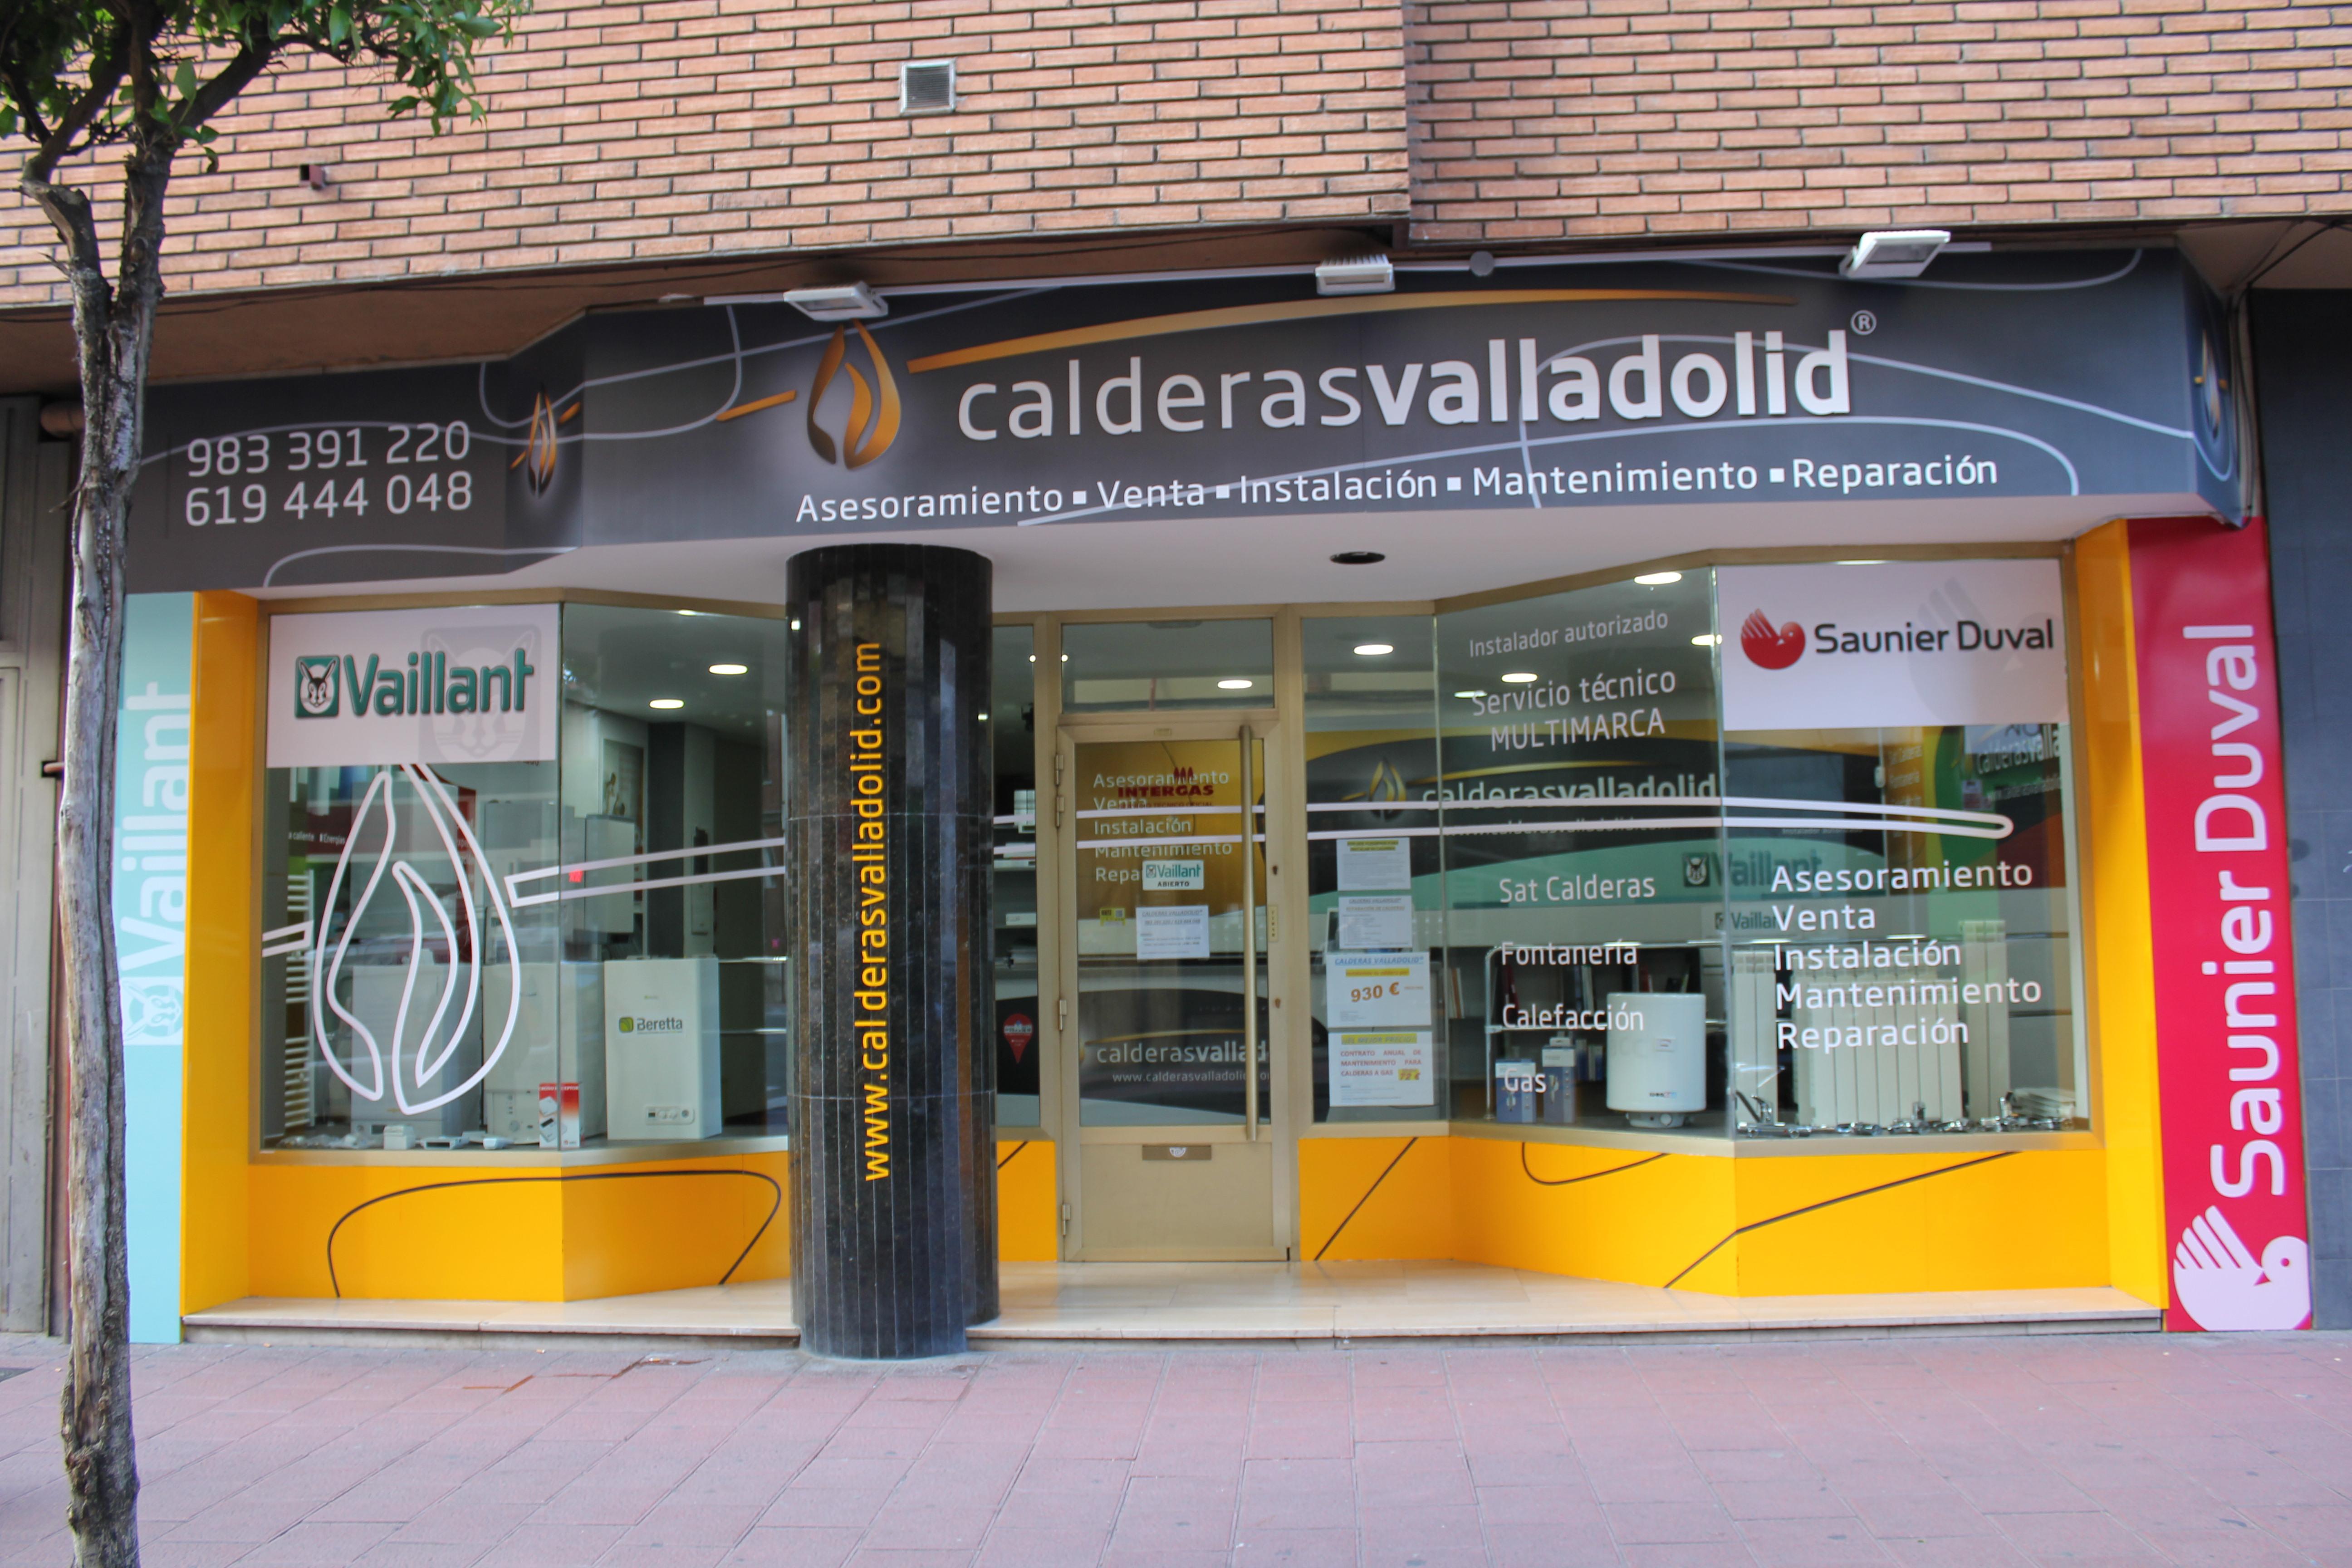 Calderas Valladolid